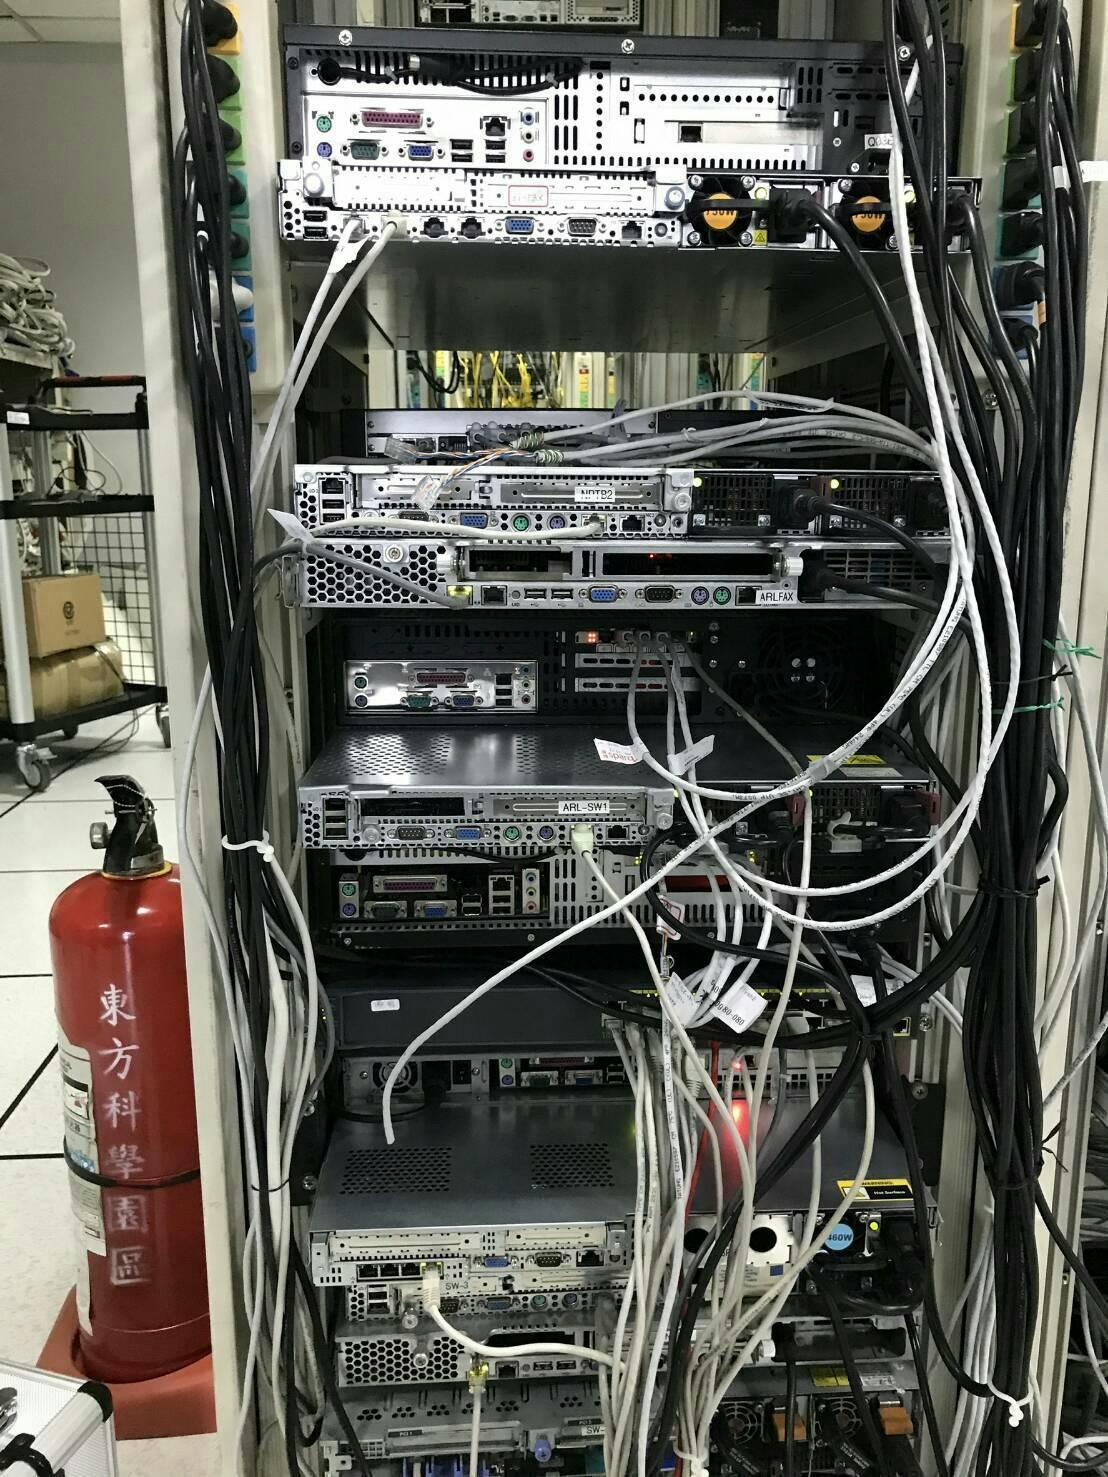 地下期指公司於美國承租伺服器架設地下期貨交易網站躲避追緝。(警方提供)